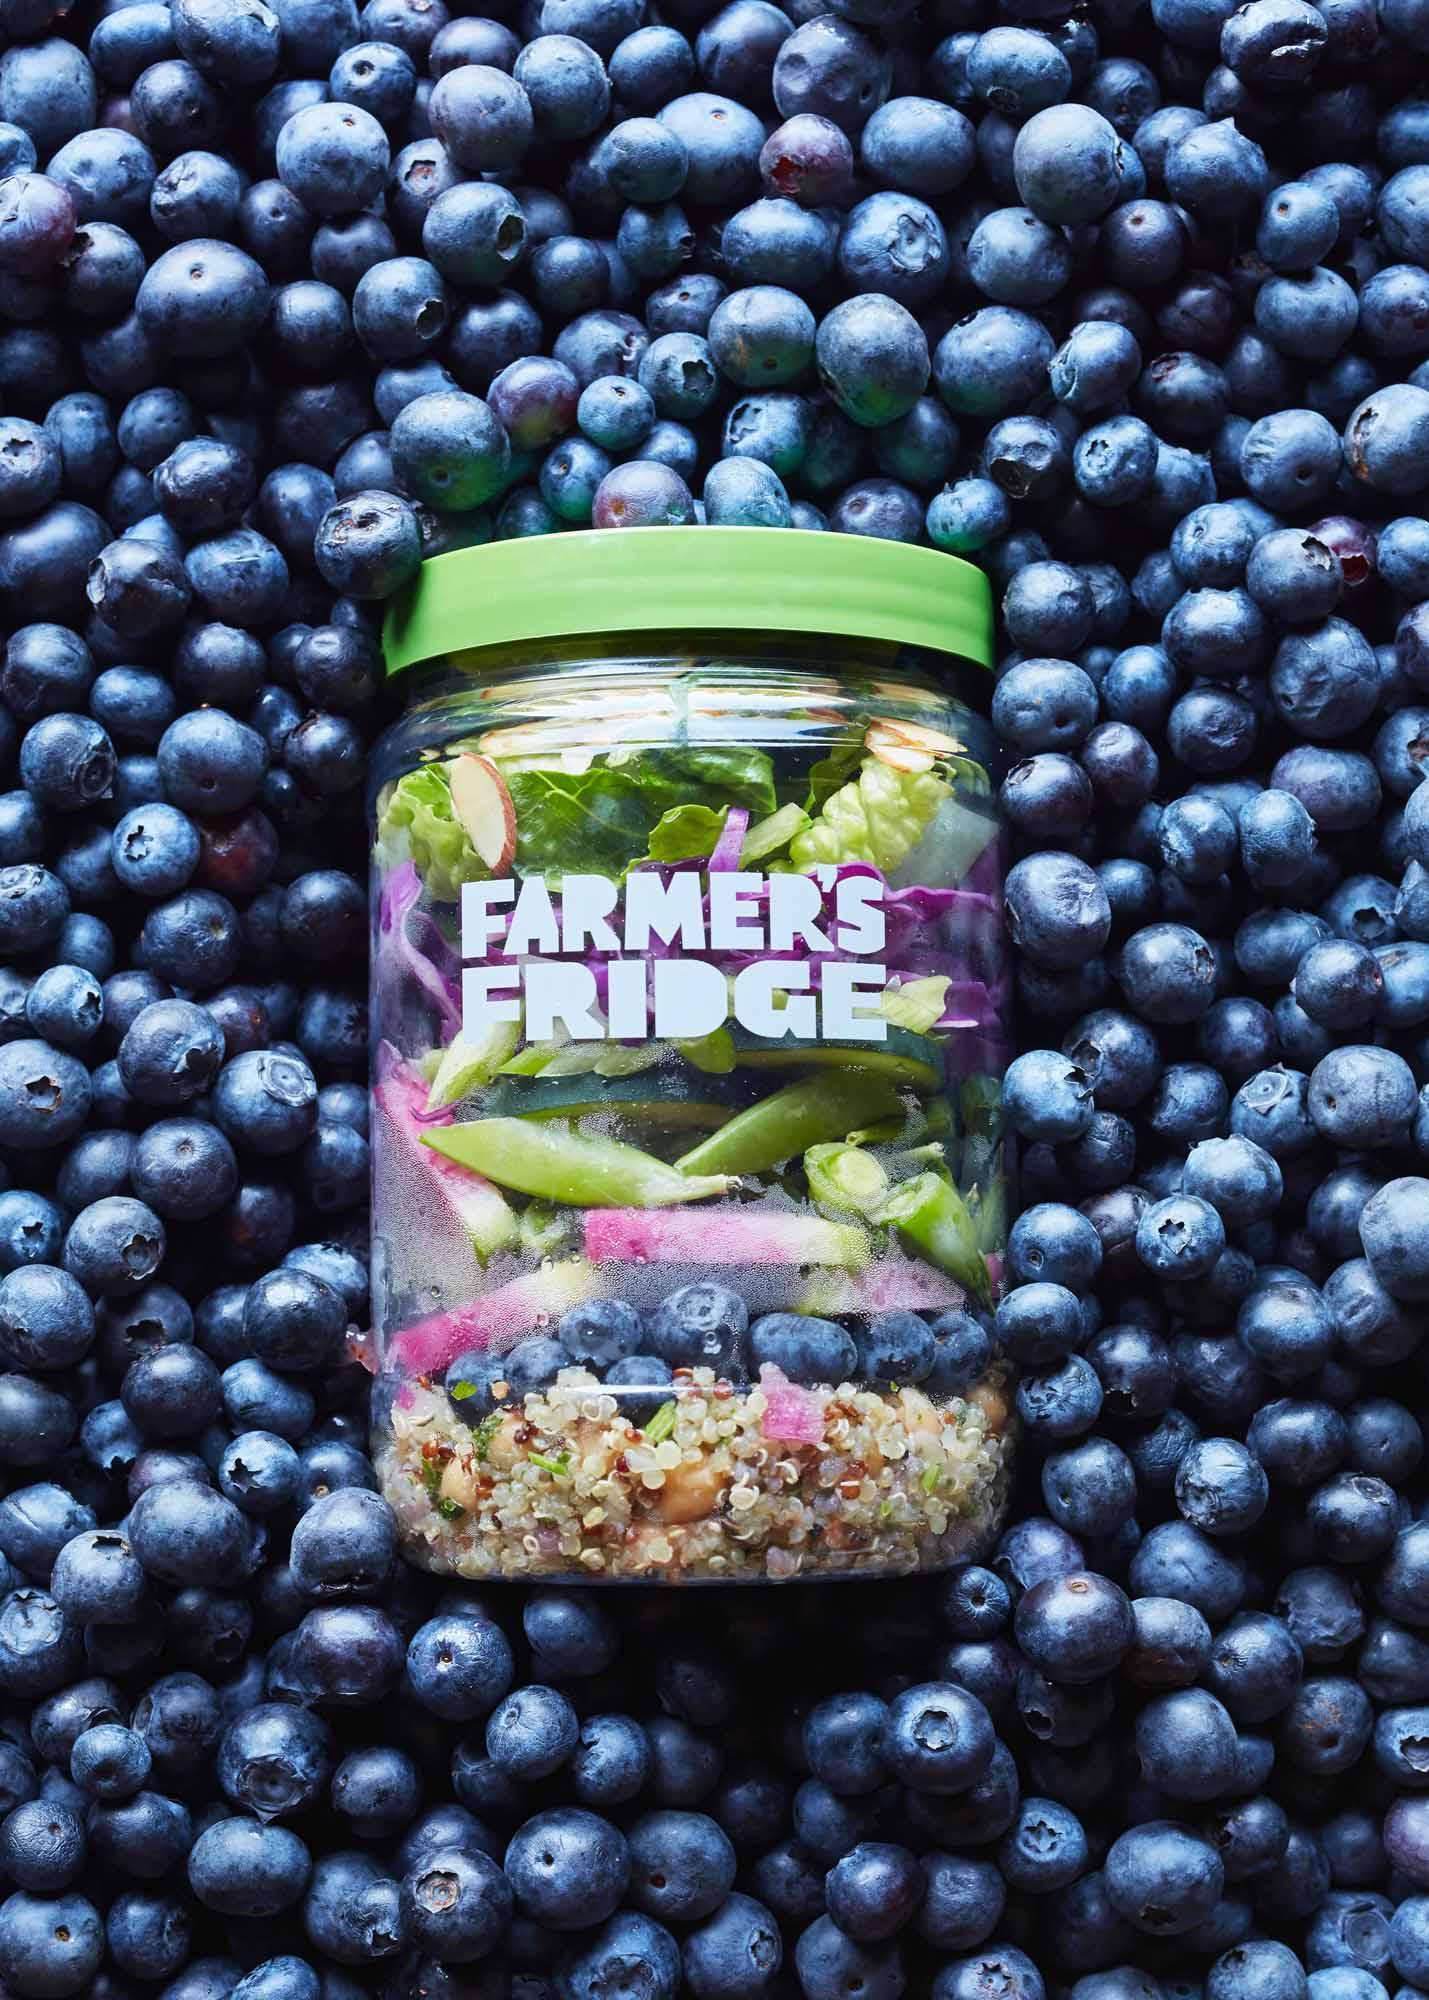 isaiah_jay_farmers_fridge_04.jpg